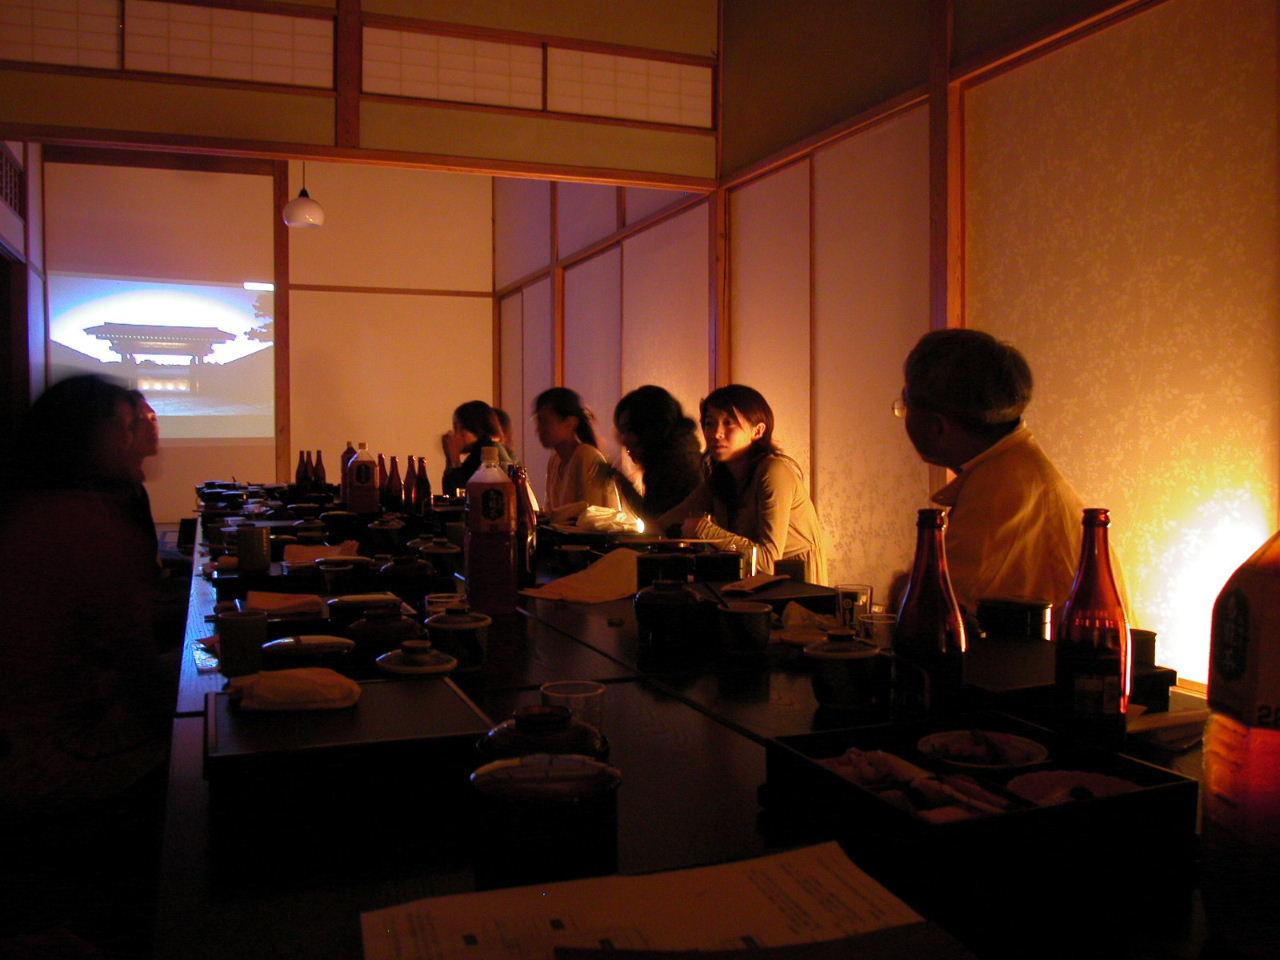 街歩き2006:月明かりの庭 - 横浜・三渓園 報告